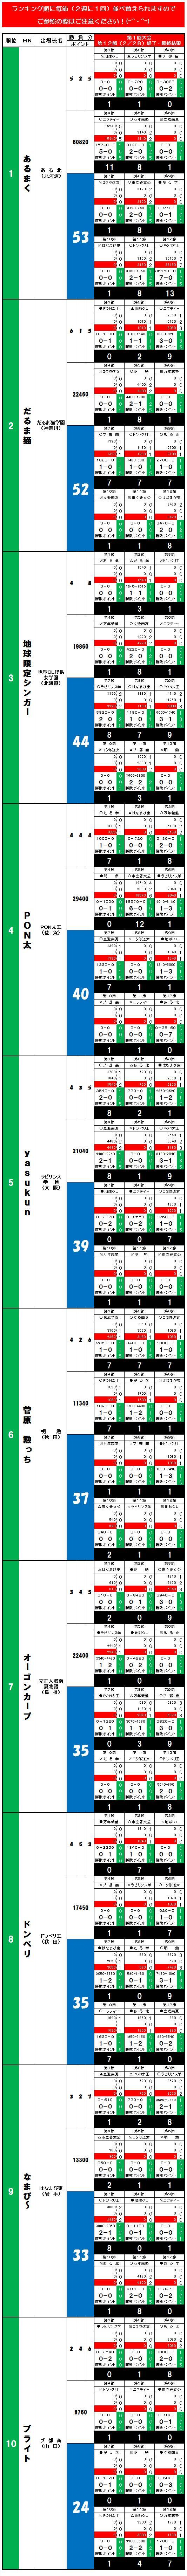 20140608・ダルマンリーグ第1回大会☆個人成績データ①.jpg